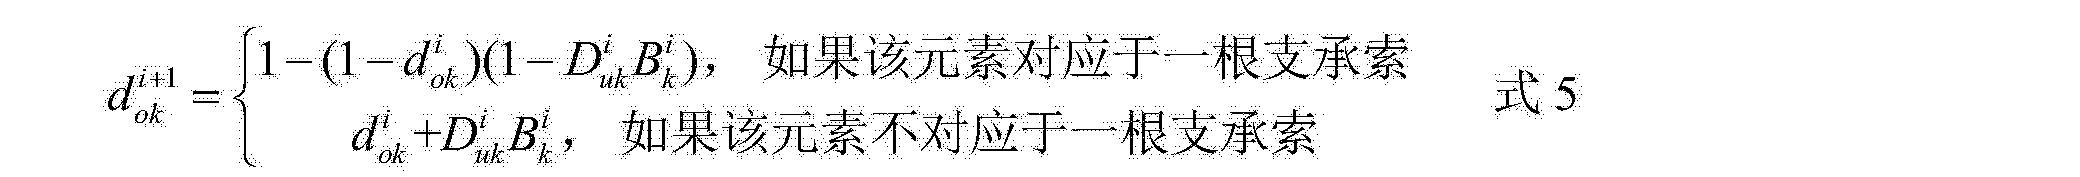 Figure CN103852282AC00112